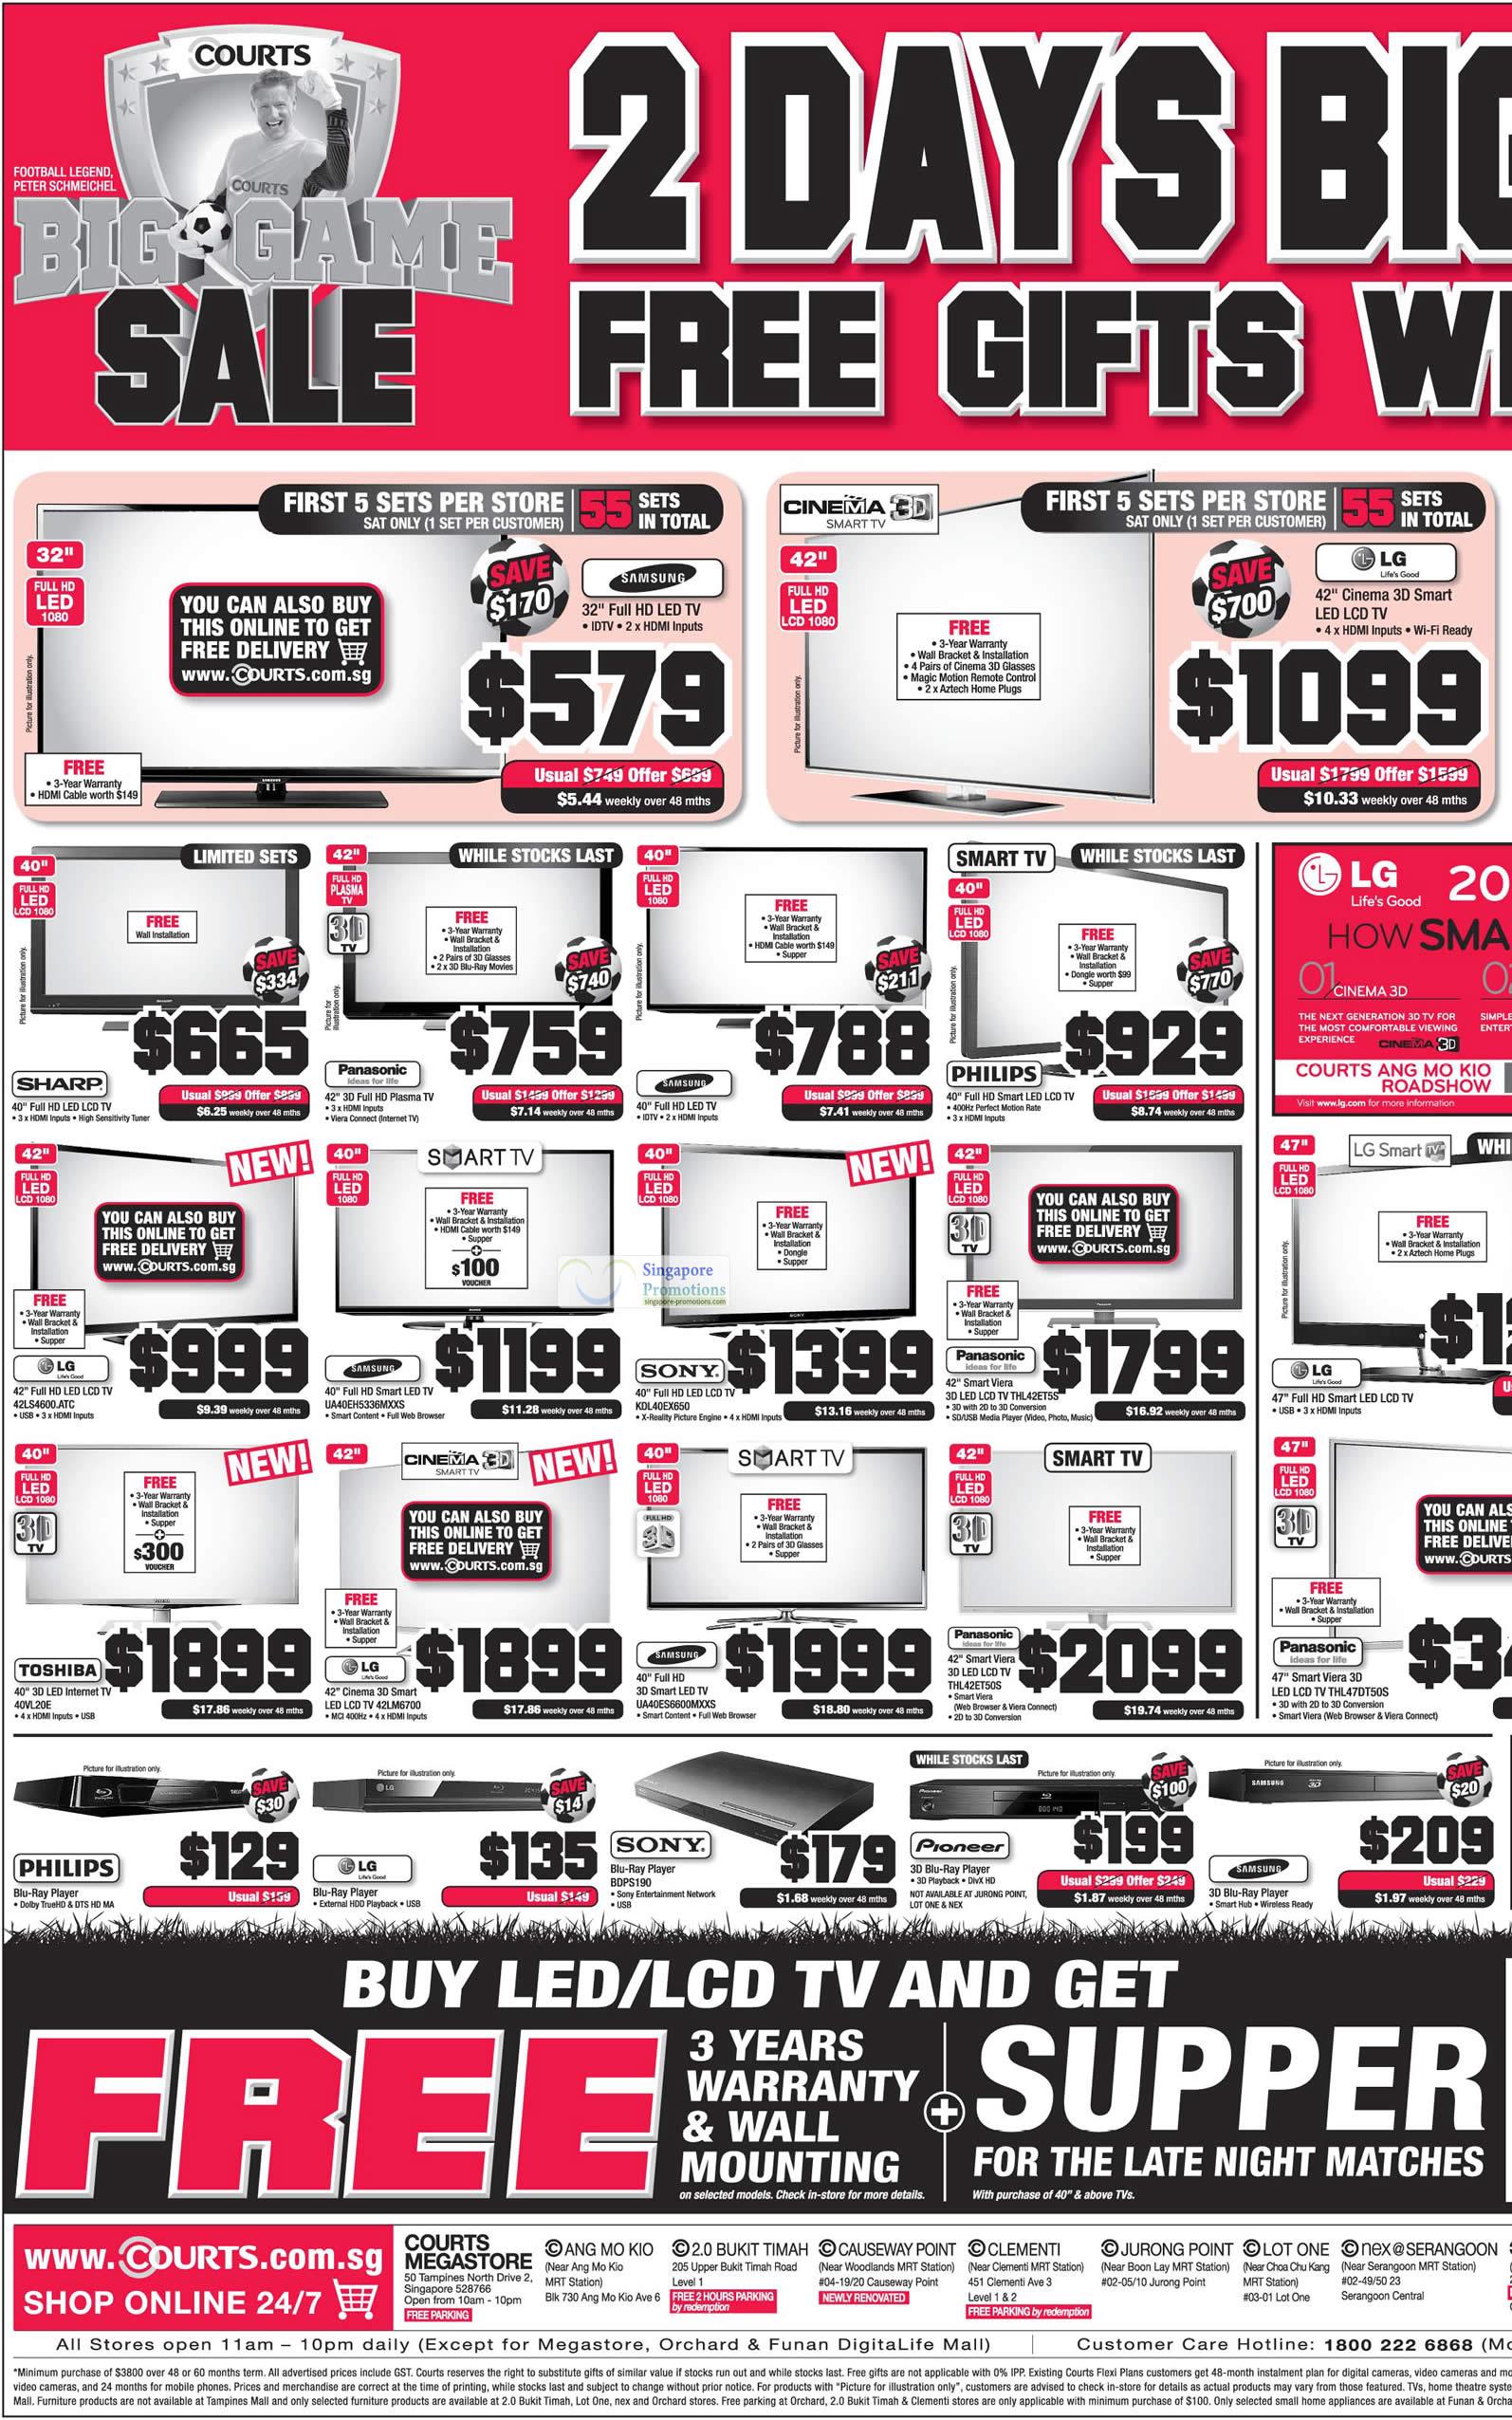 LCD TVs, Smart TVs, Samsung, LG, Sony, Panasonic, Philips, Sharp, Toshiba